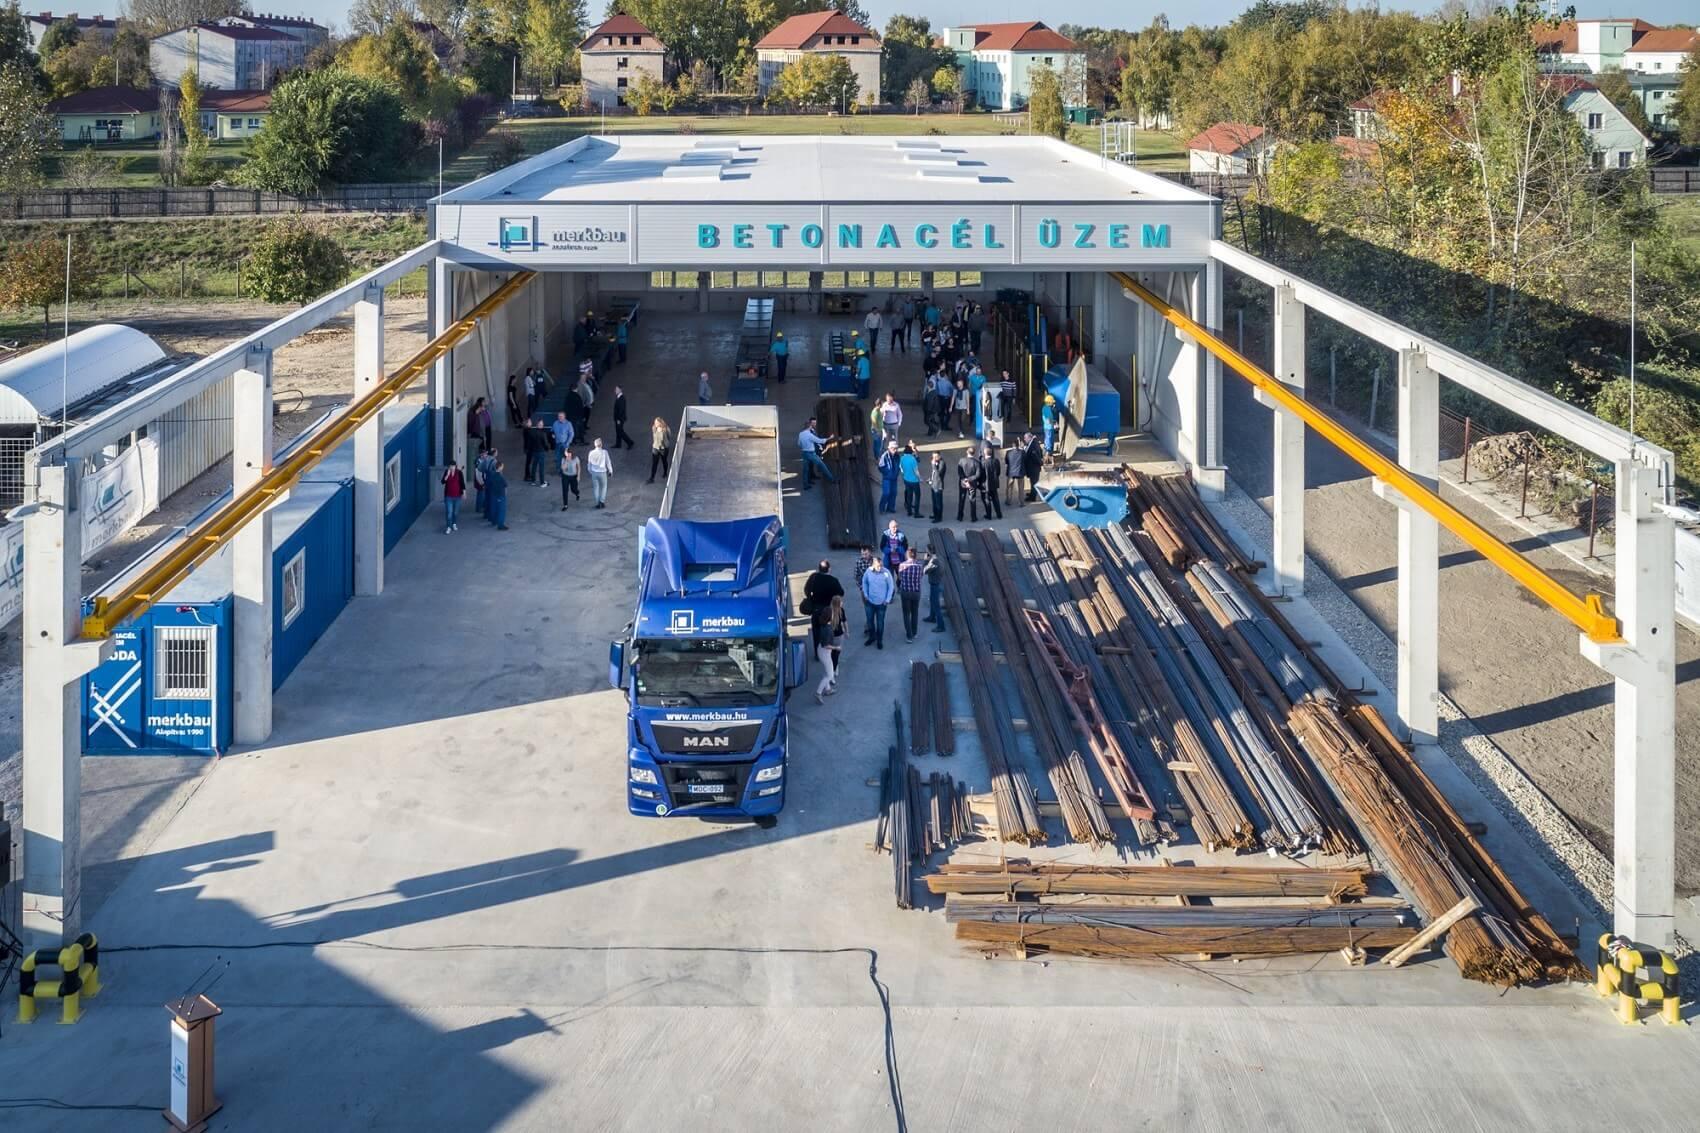 Új betonacél üzem épült Kiskunhalason